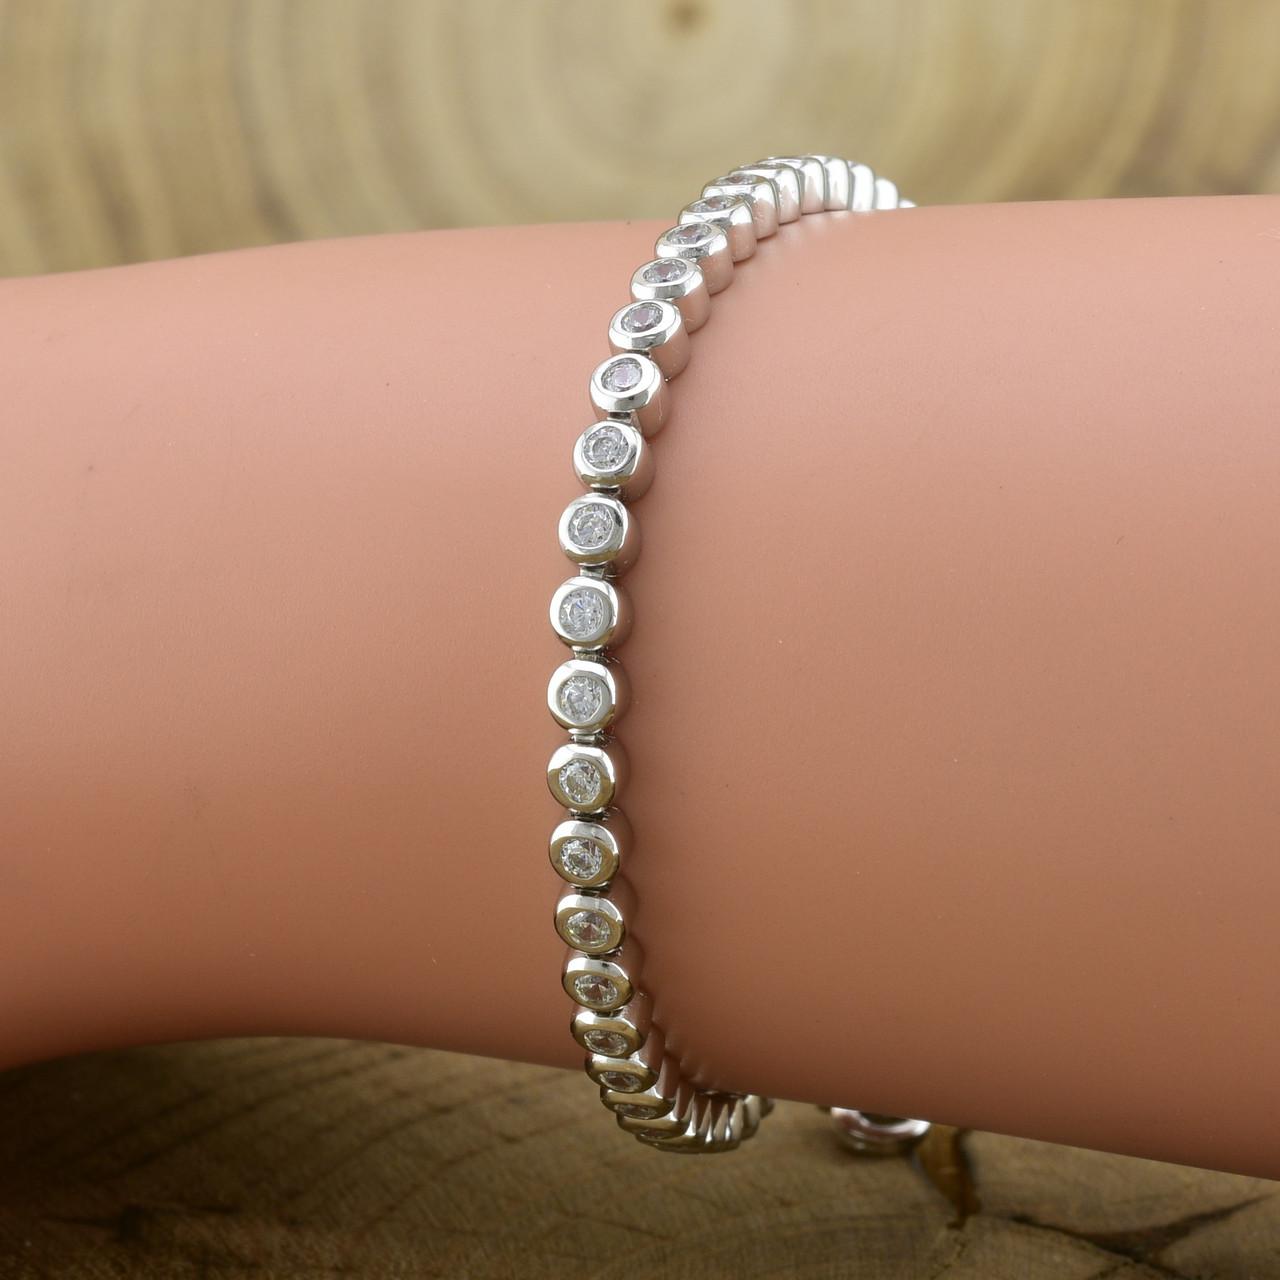 Серебряный браслет длина 15+5 см ширина 3 мм вставка белые фианиты вес серебра 6.42 г